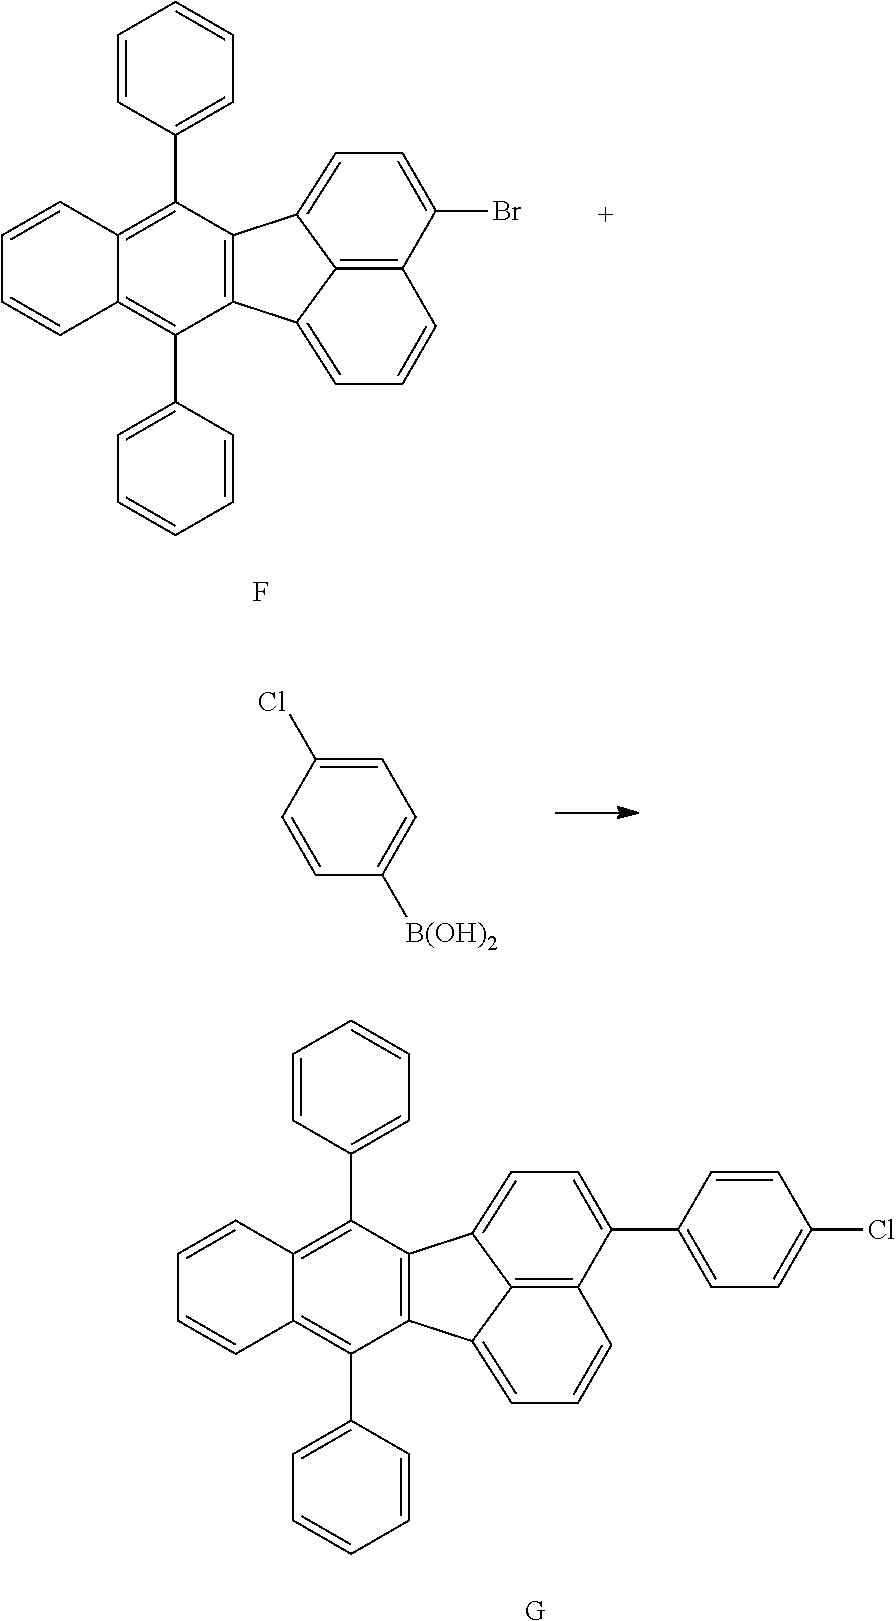 Figure US20150280139A1-20151001-C00134